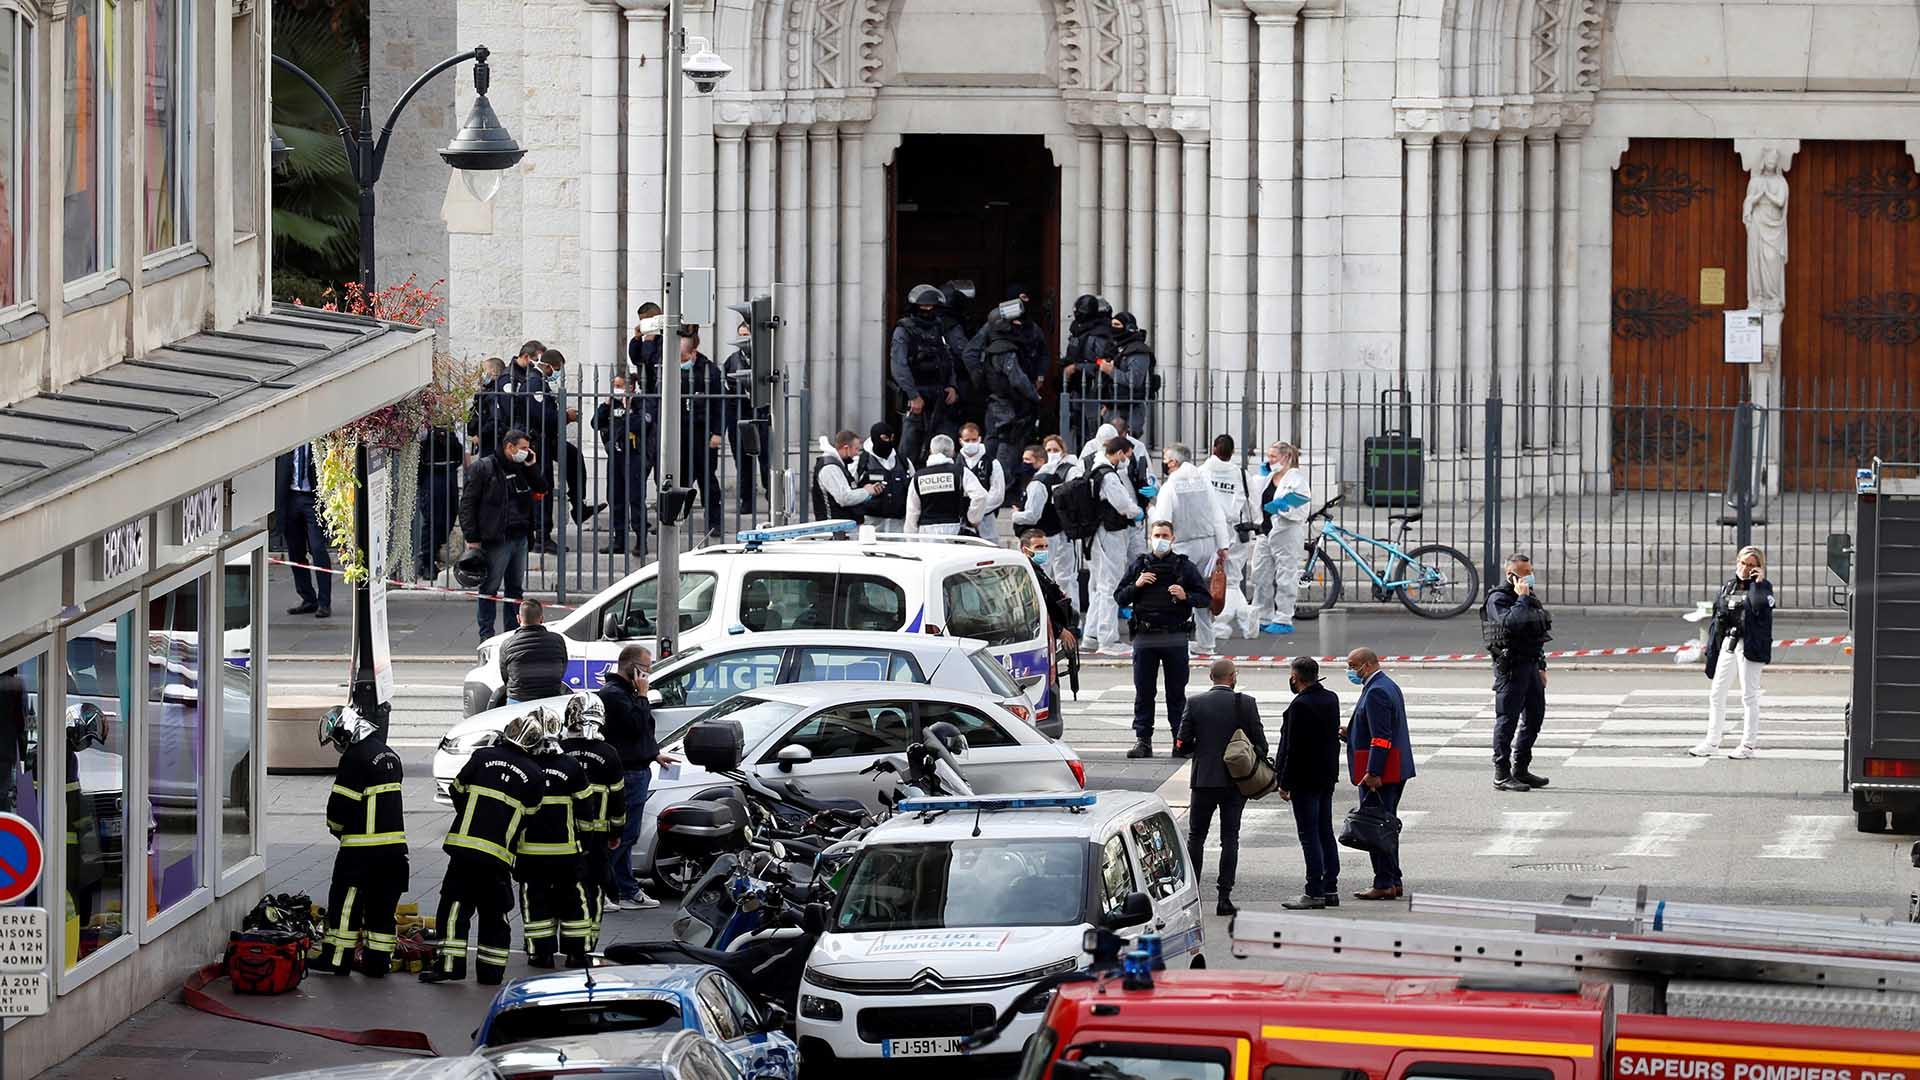 프랑스 니스서 또 흉기 테러…최소 3명 사망, 1명은 참수